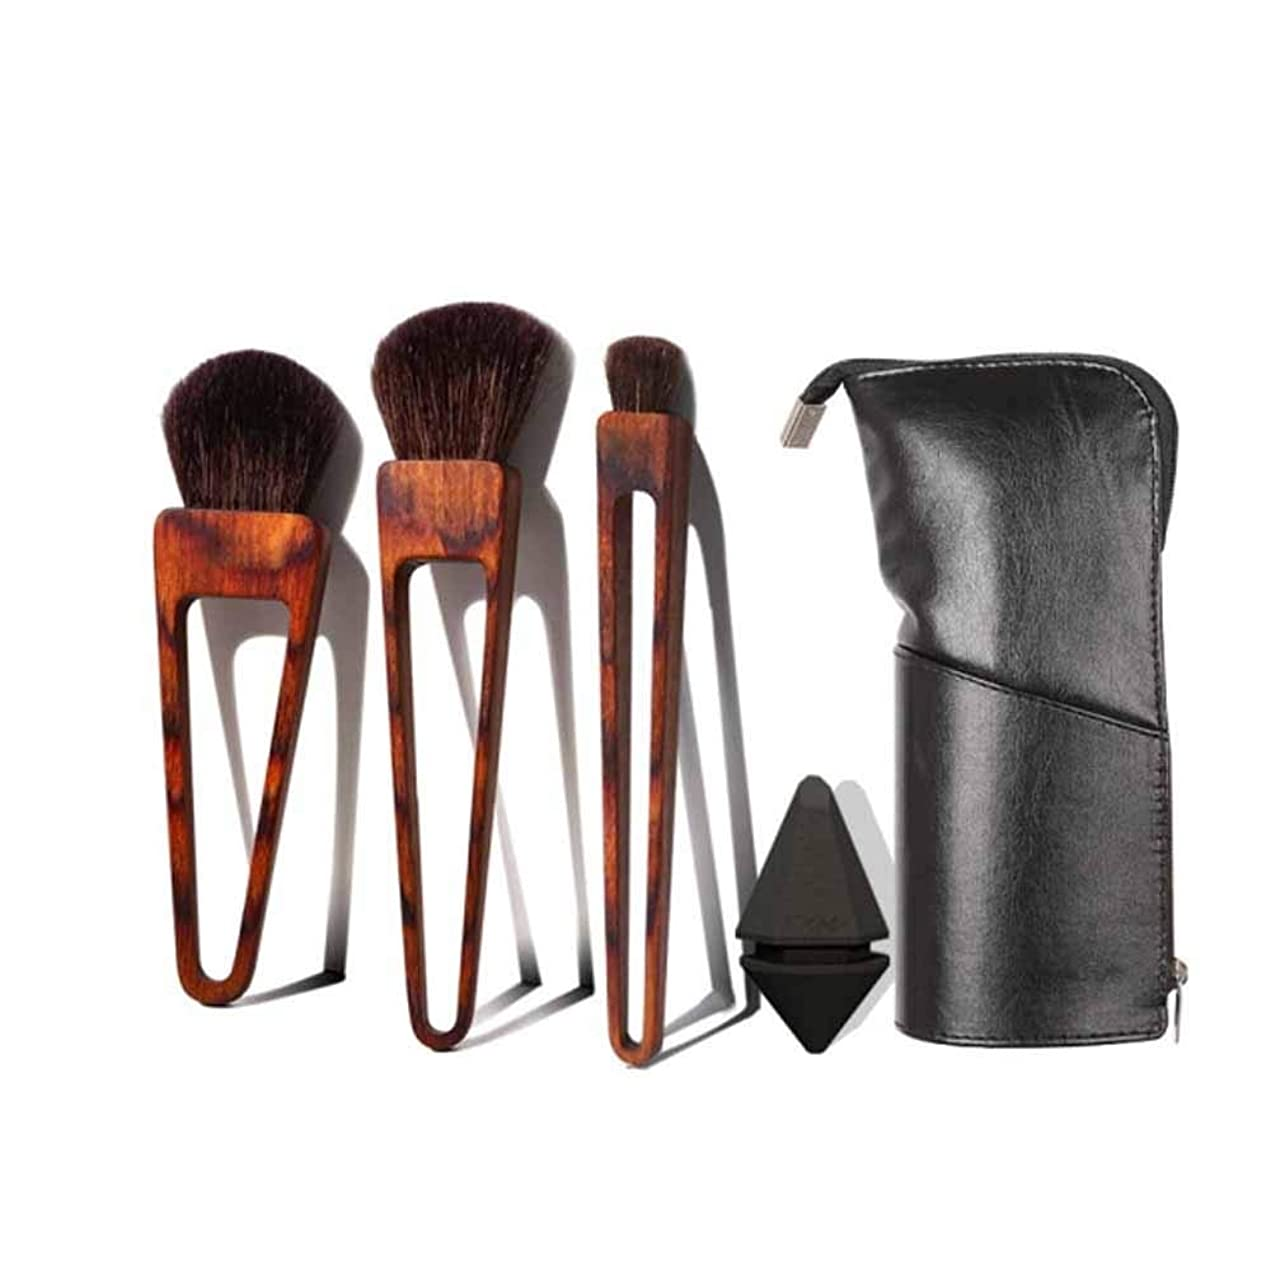 フィドル被る局Gaoxingbianlidian001 メイクブラシ、トライアングルブラシメイク、動物の毛のブラシヘッド、3つのメイクブラシセット(ブラックビューティーエッグとメイクブラシバッグを送信,便利な化粧 (Color : Brown)